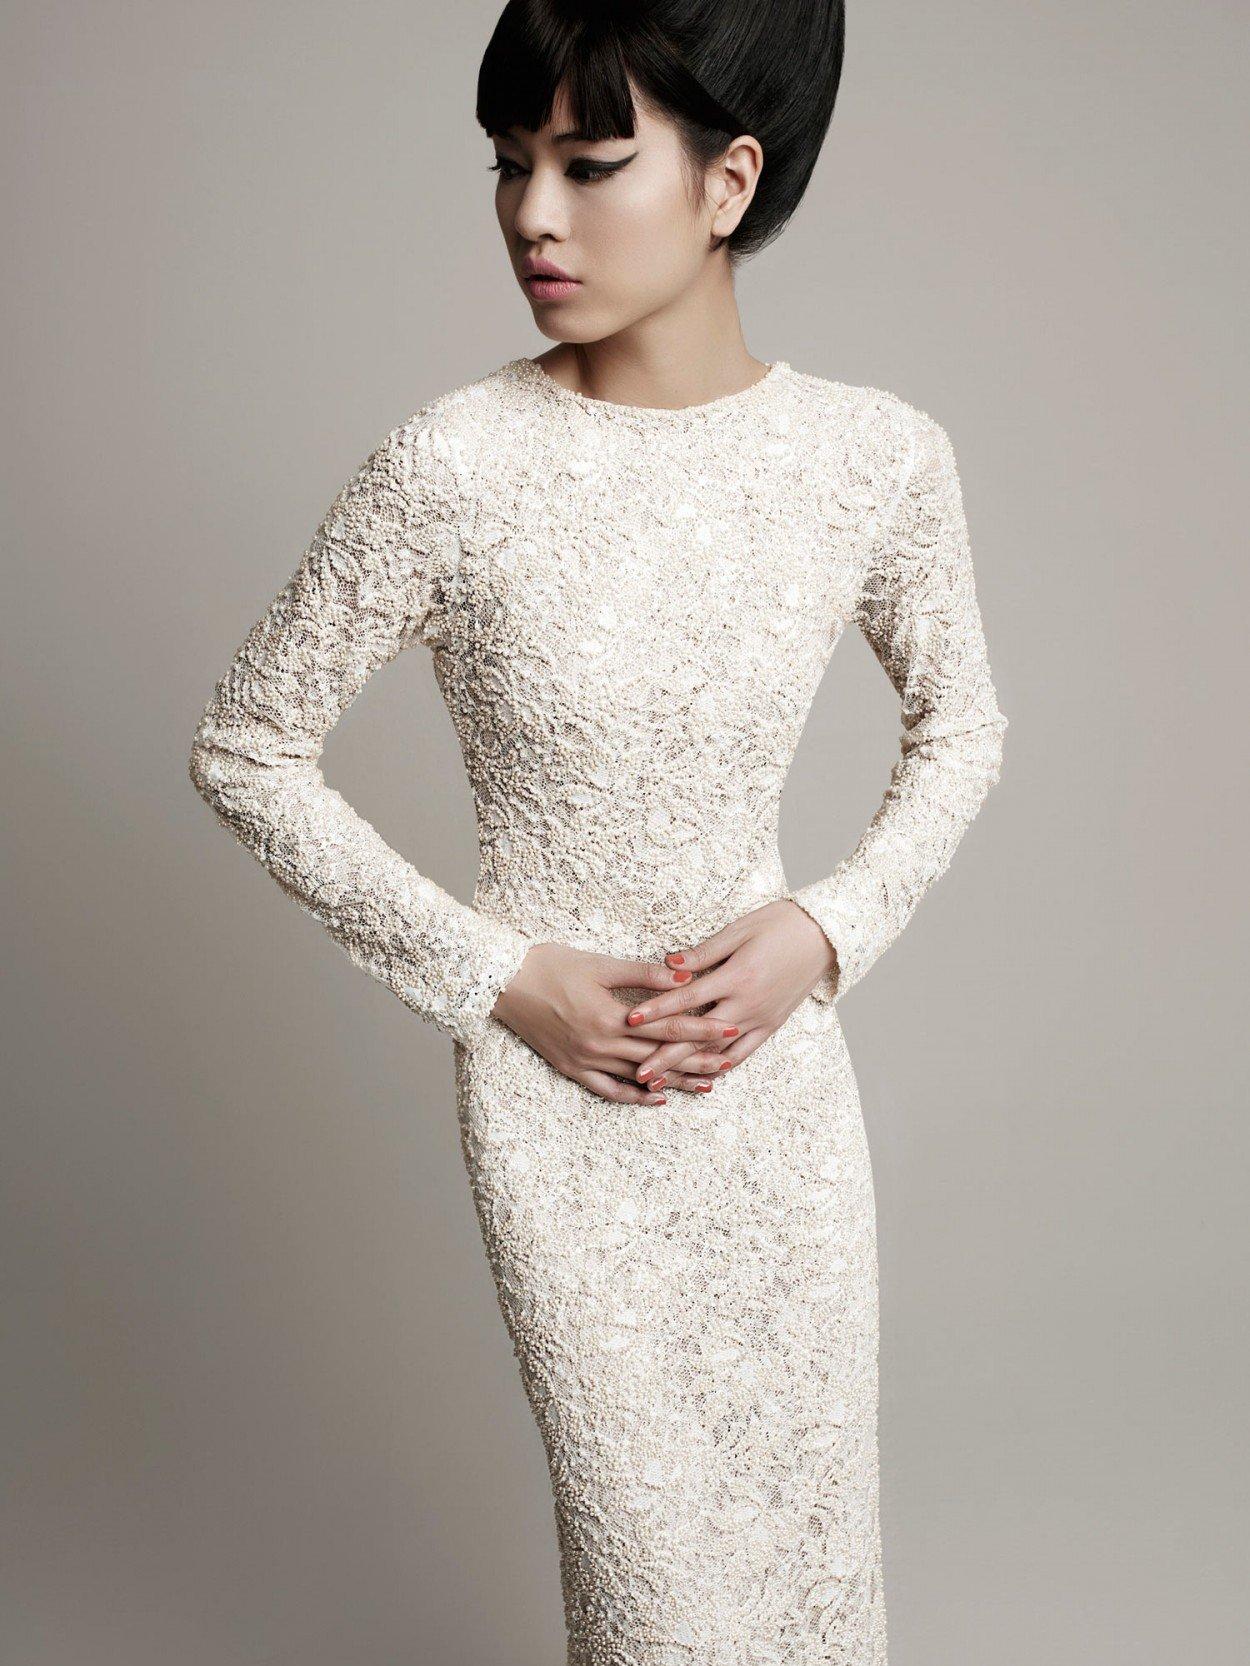 7378eef5157 Недорогие свадебные платья - To be Bride